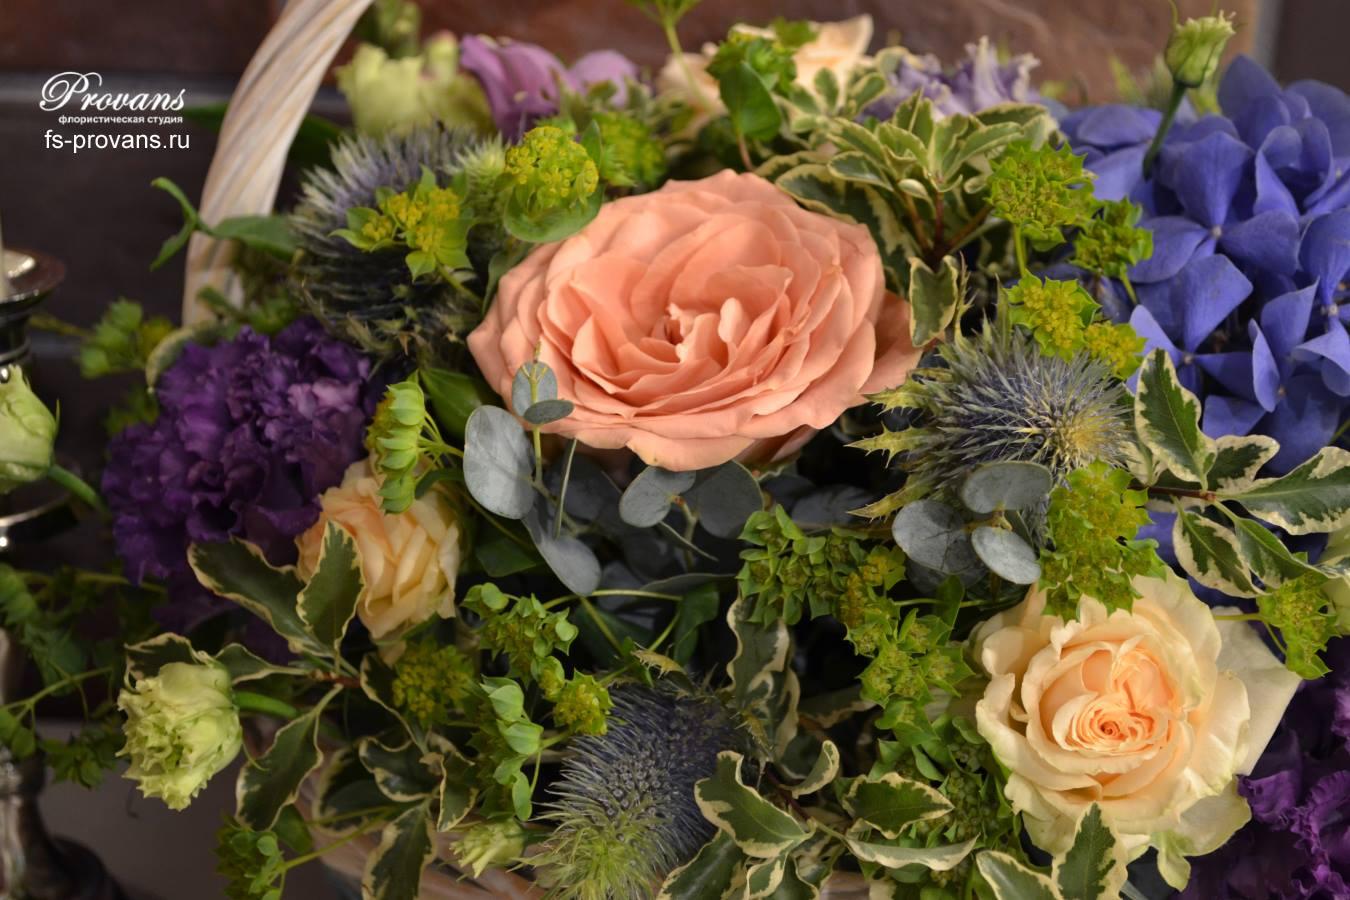 Корзина с цветами. Гортензия, розы, эустома